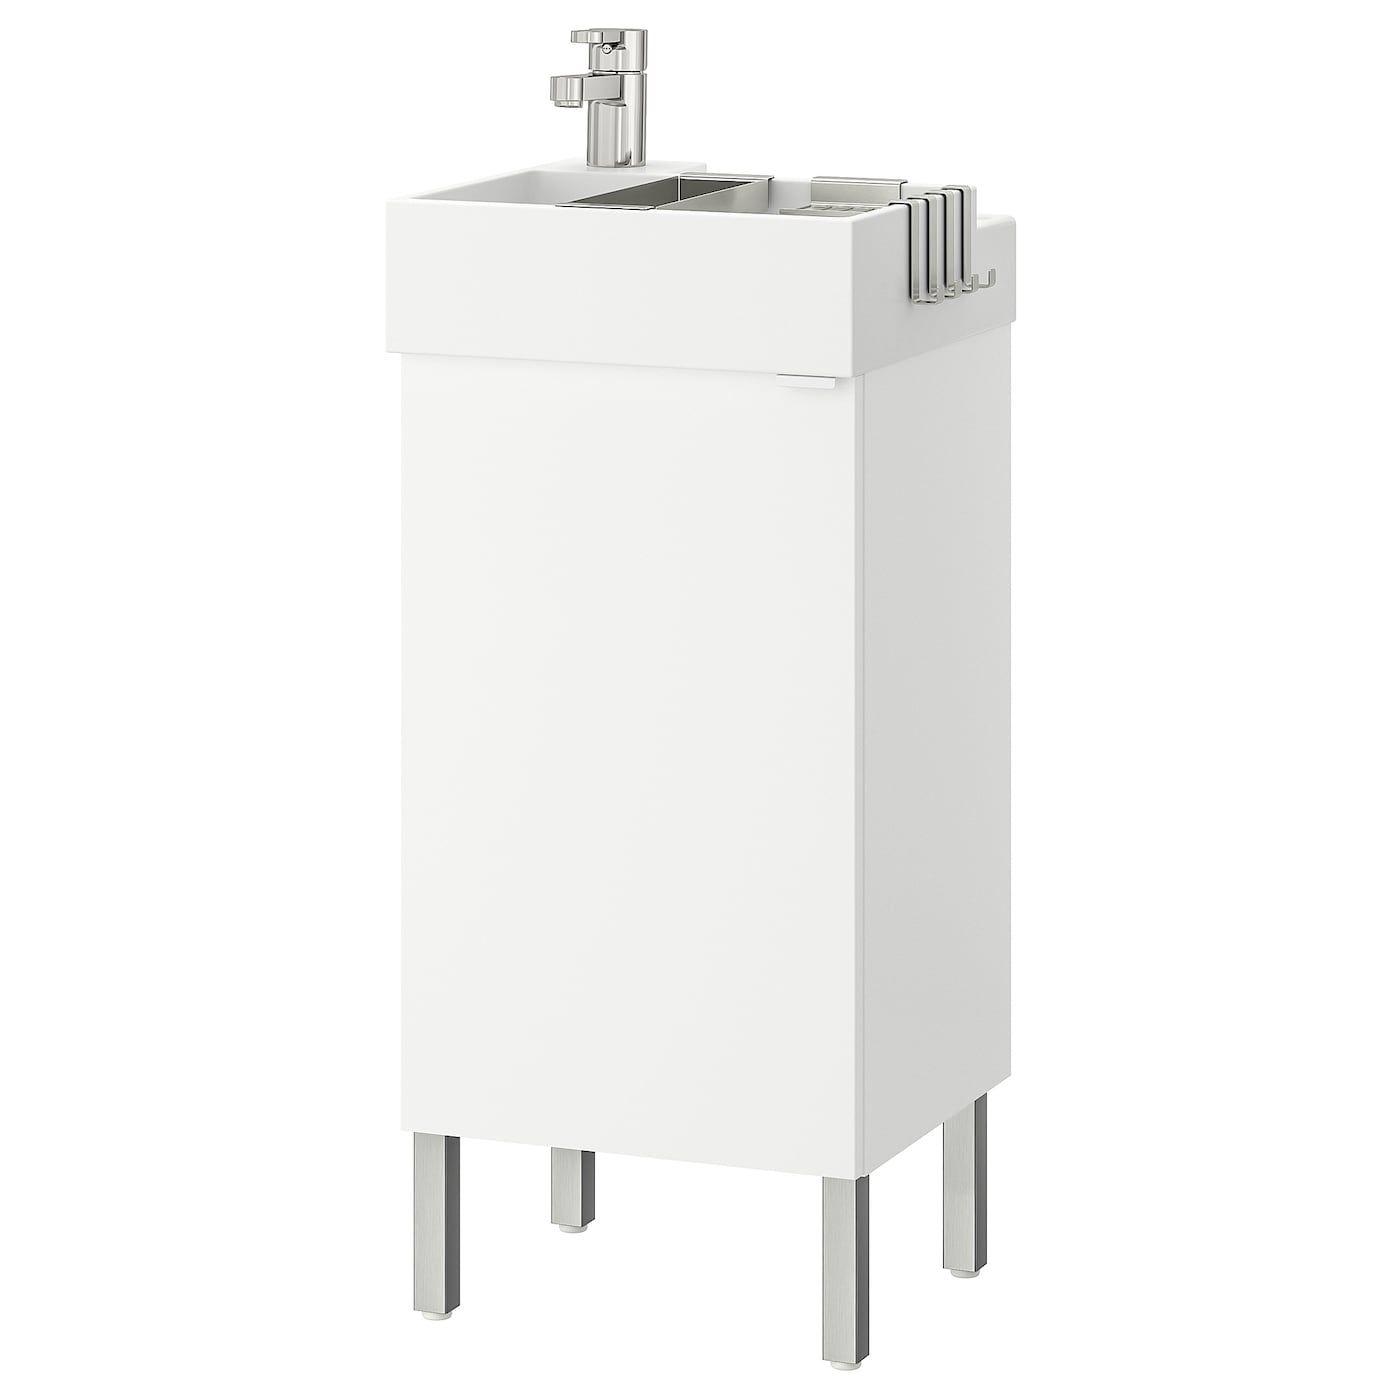 LILLÅNGEN Vanity cabinet with 1 door – white, Ensen faucet -…